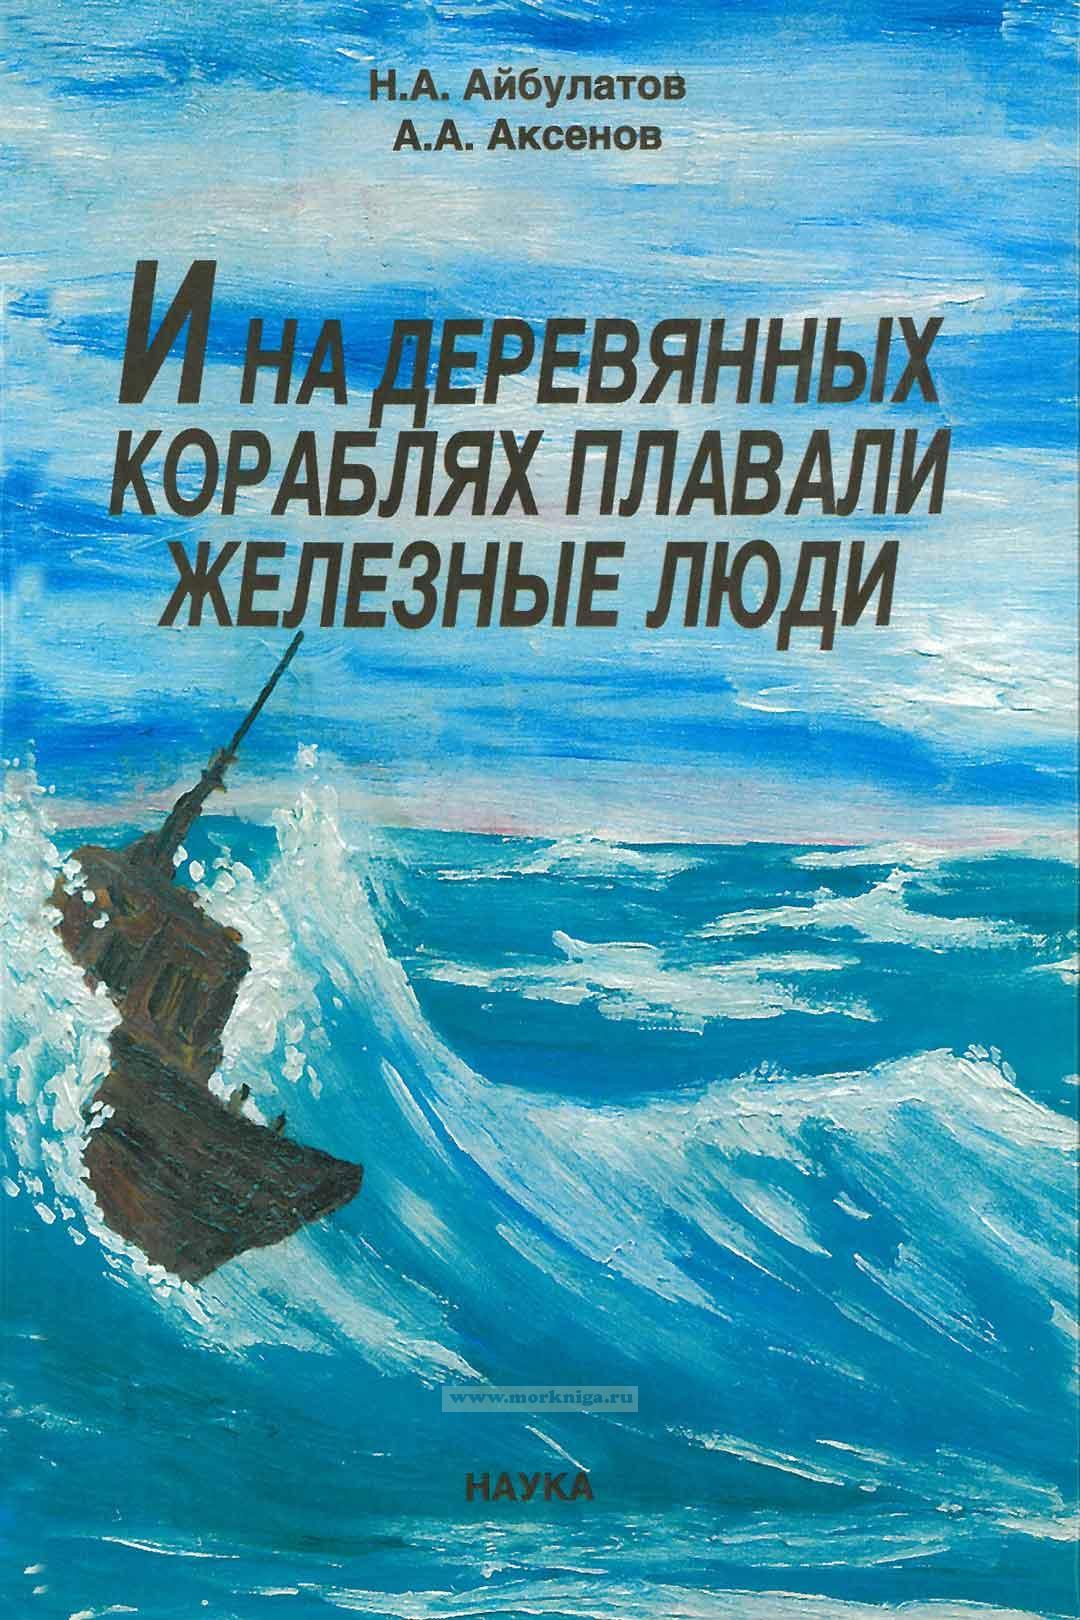 И на деревянных кораблях плавали железные люди (К истории прибрежных исследований в России)